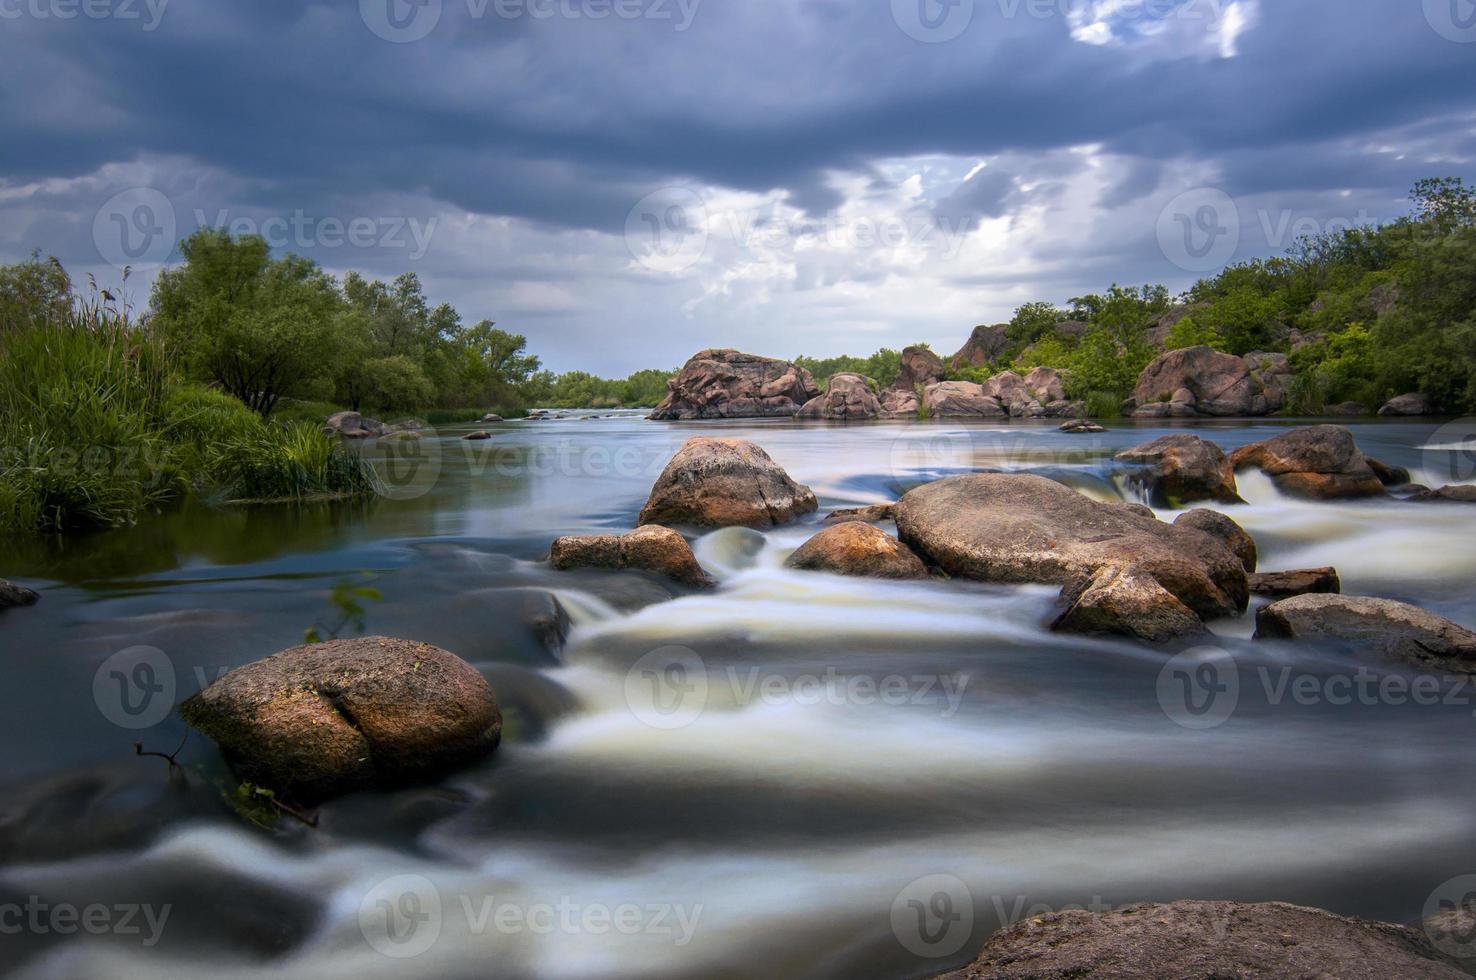 serata piovosa sul fiume foto